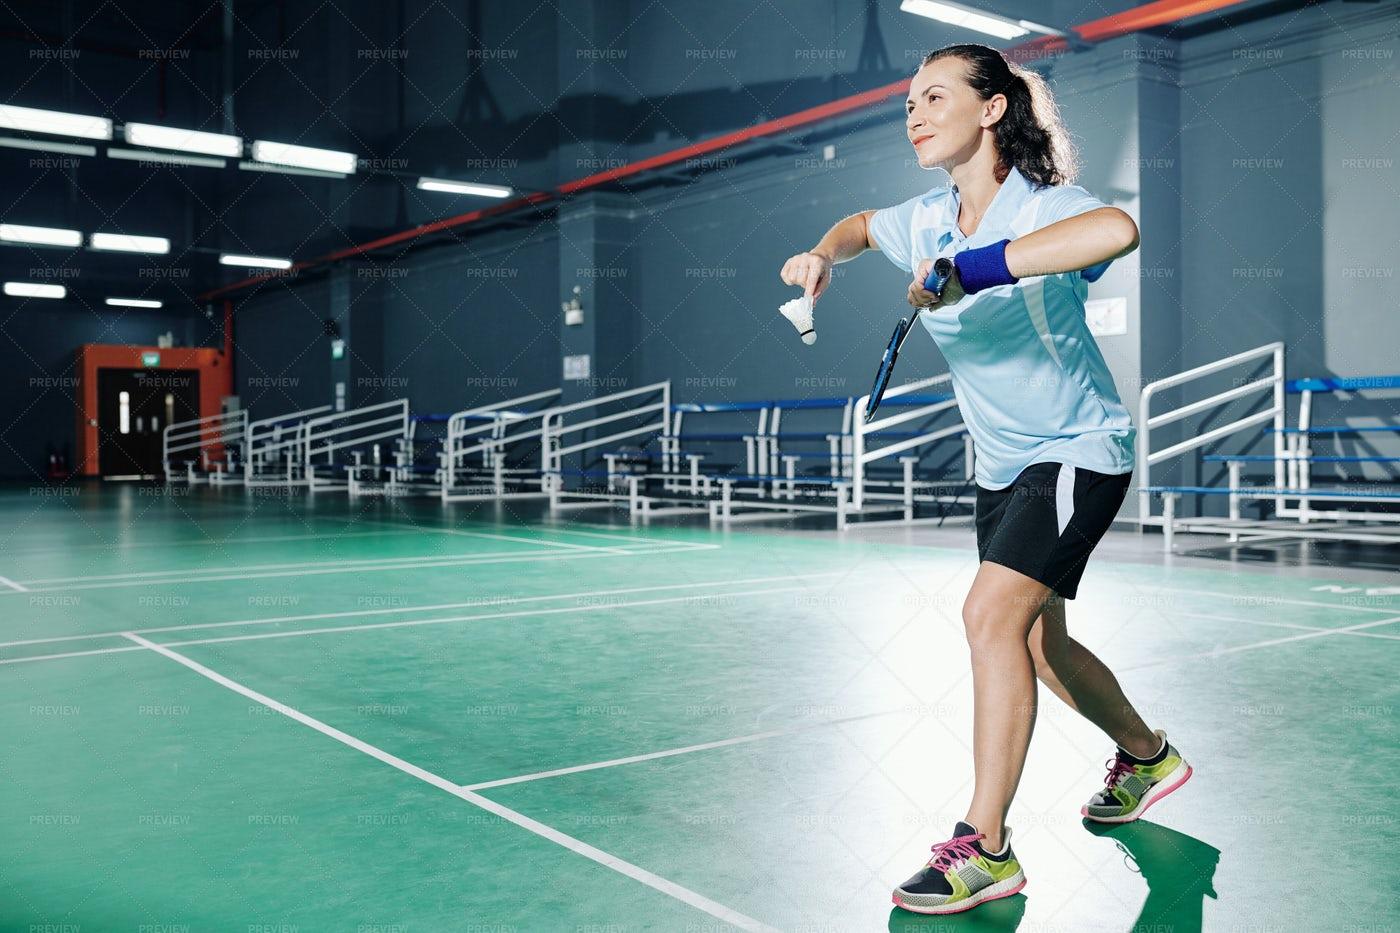 Woman Playing Badminton: Stock Photos